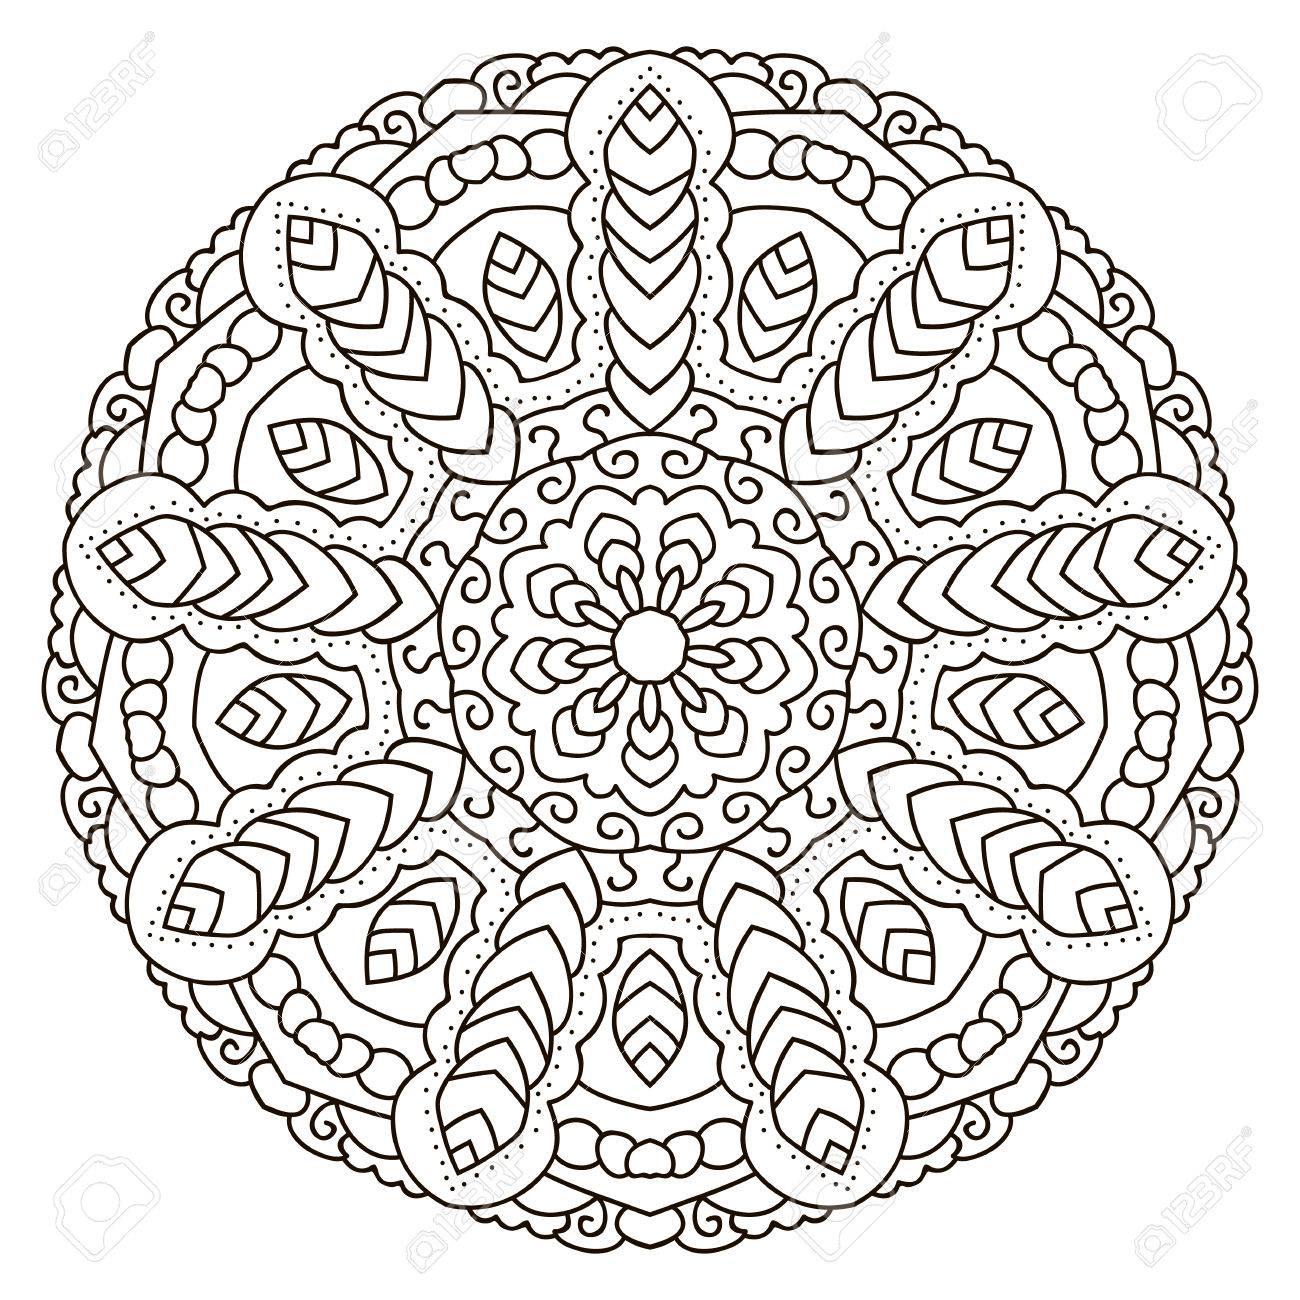 Mandala Para Colorear, Ornamento étnico Circular. Modelo Oriental